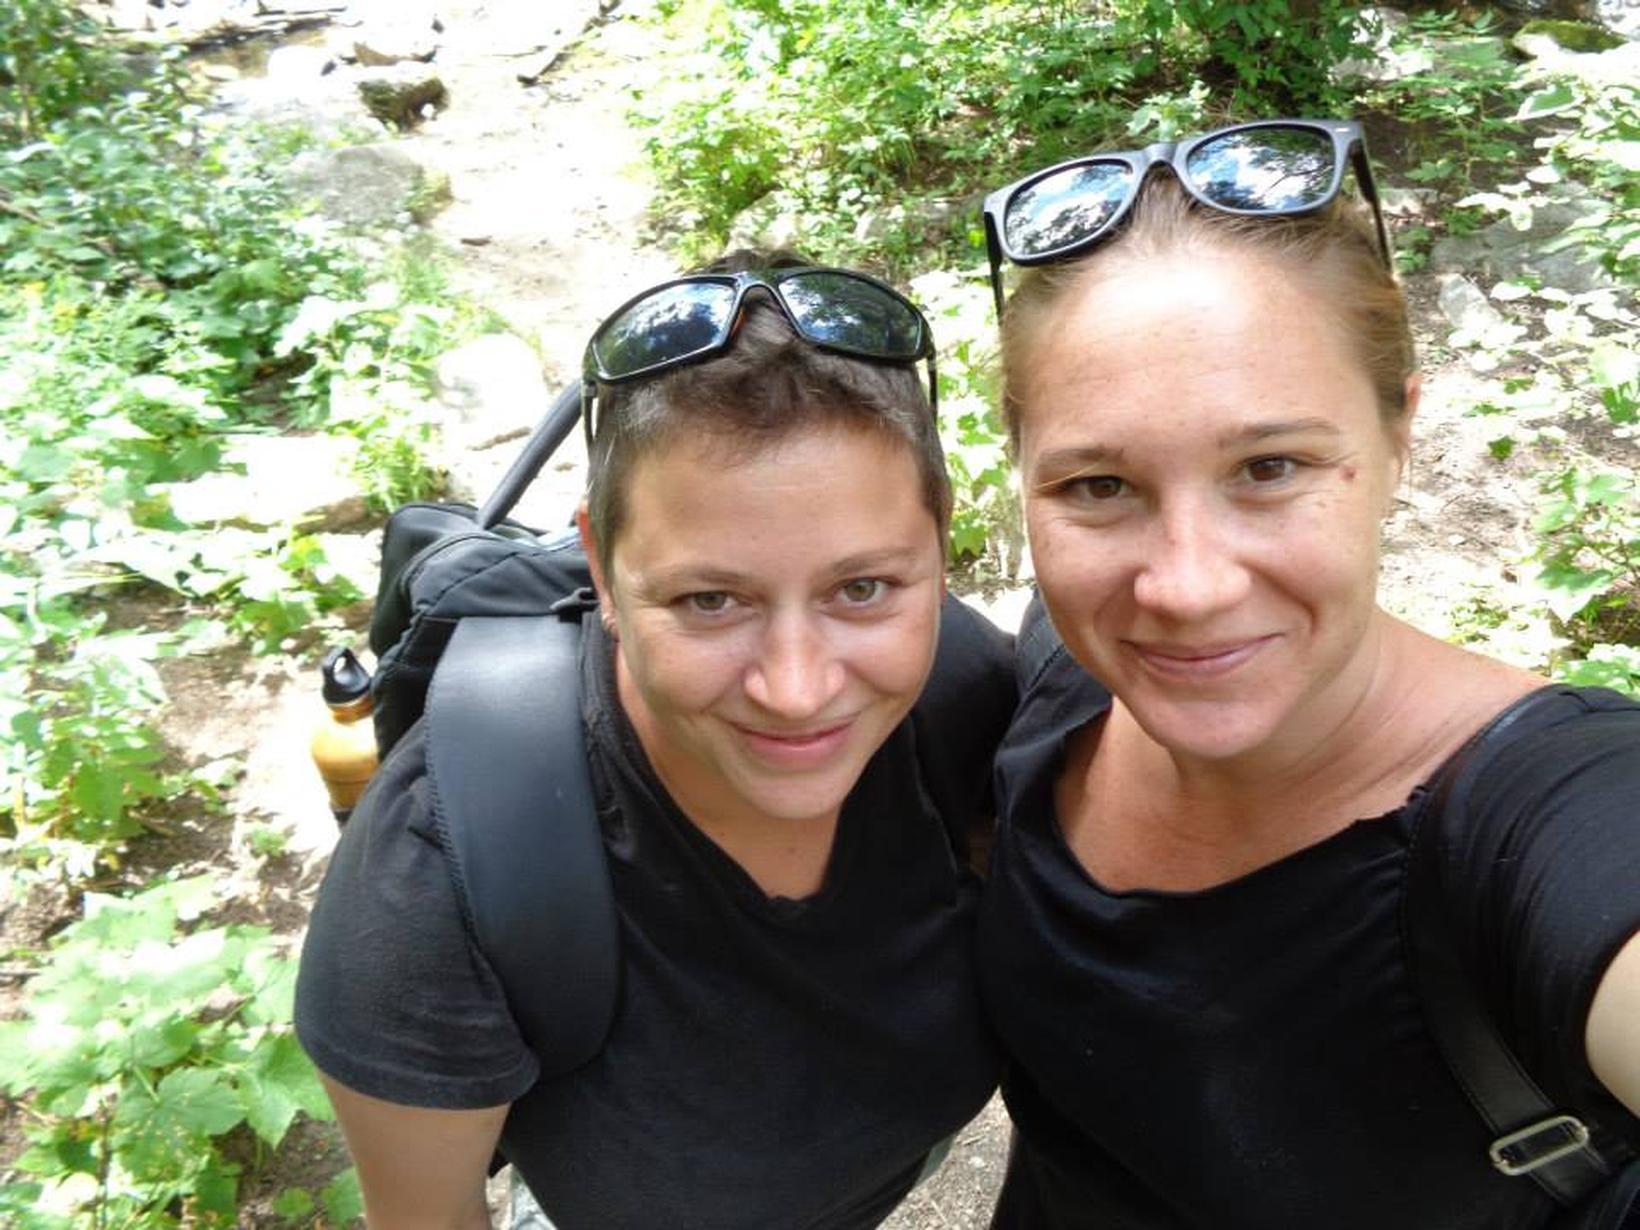 Kristen & Dora from Sihanoukville, Cambodia